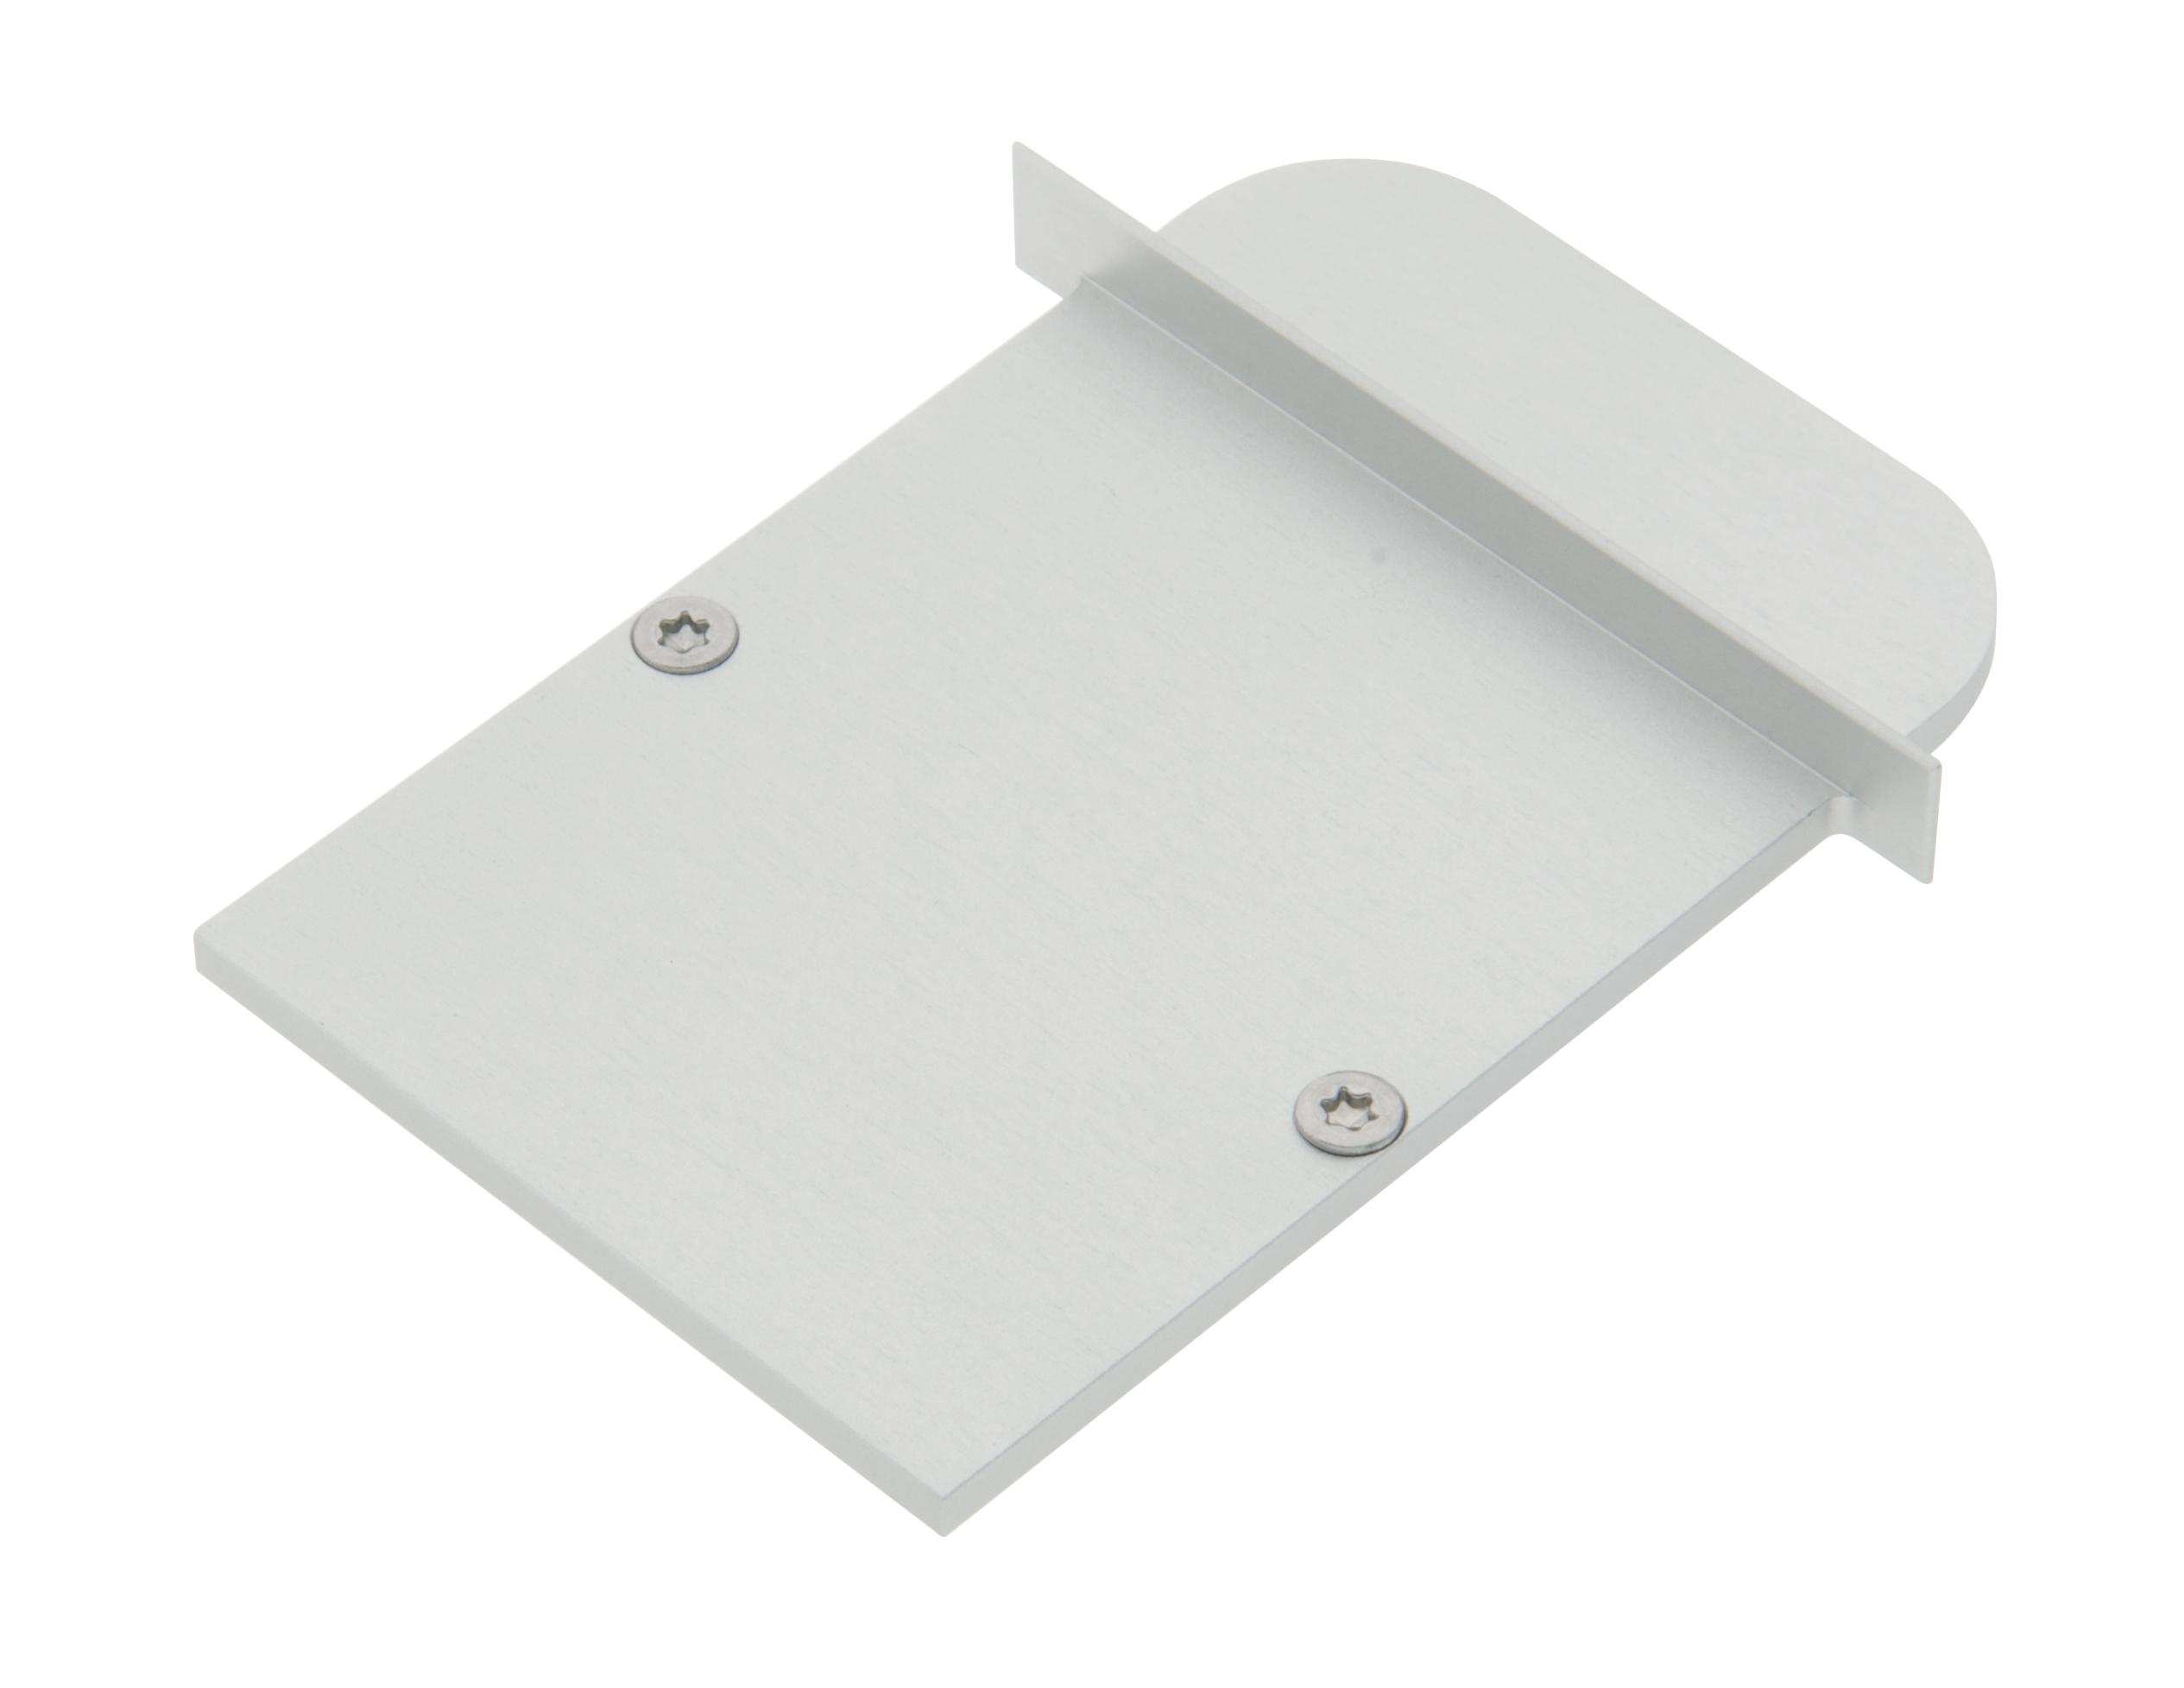 1 Stk Profil Endkappe MFI Rund geschlossen inkl. Schrauben LIEK005310